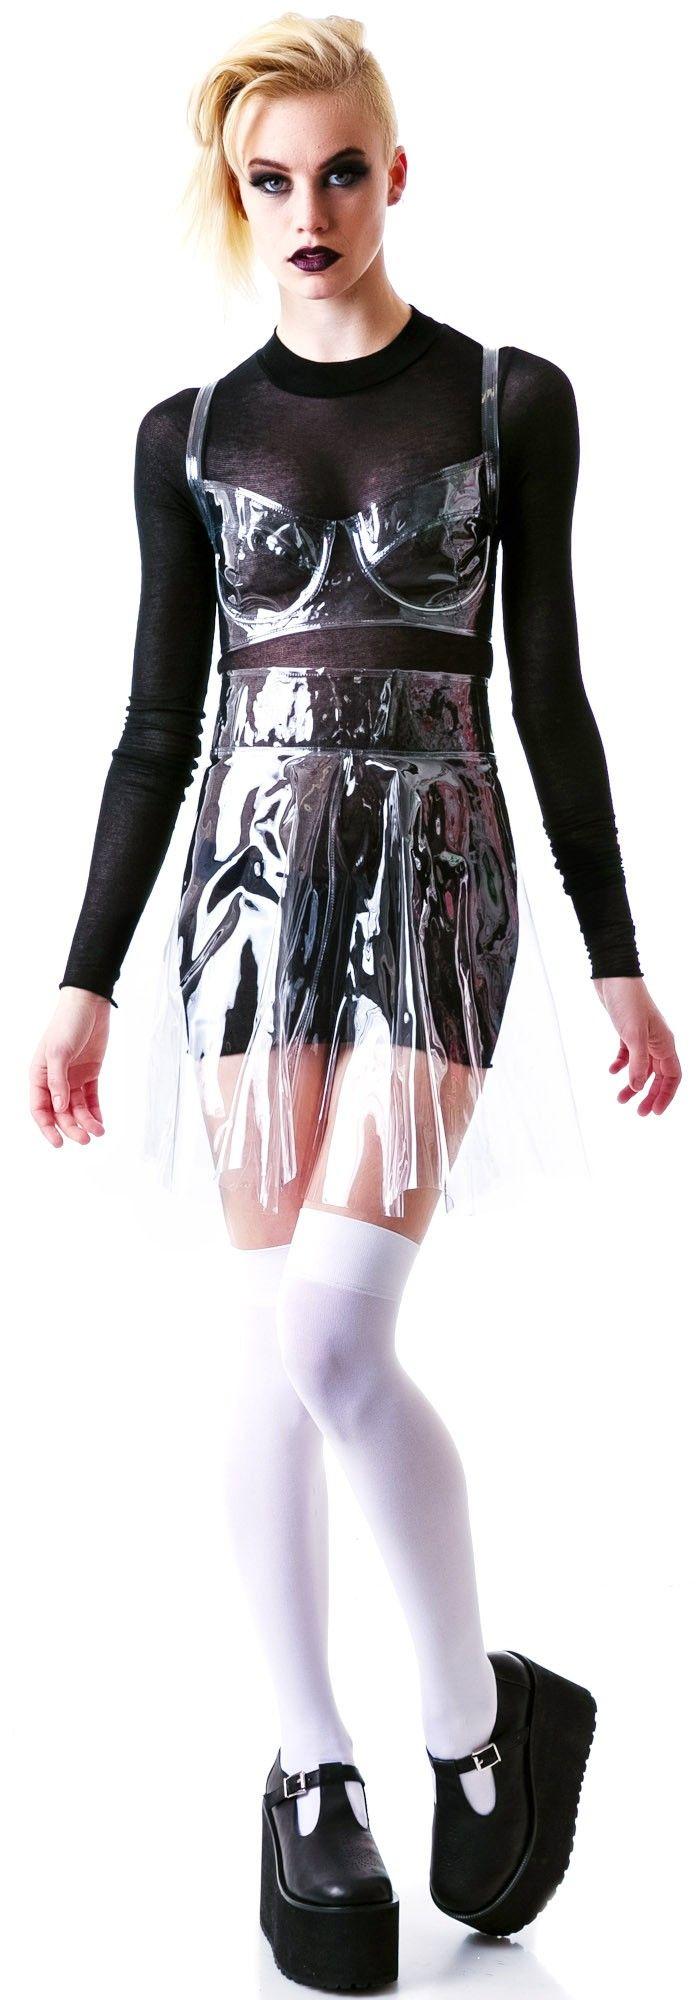 Chromat Piriform #Vinyl #Skirt